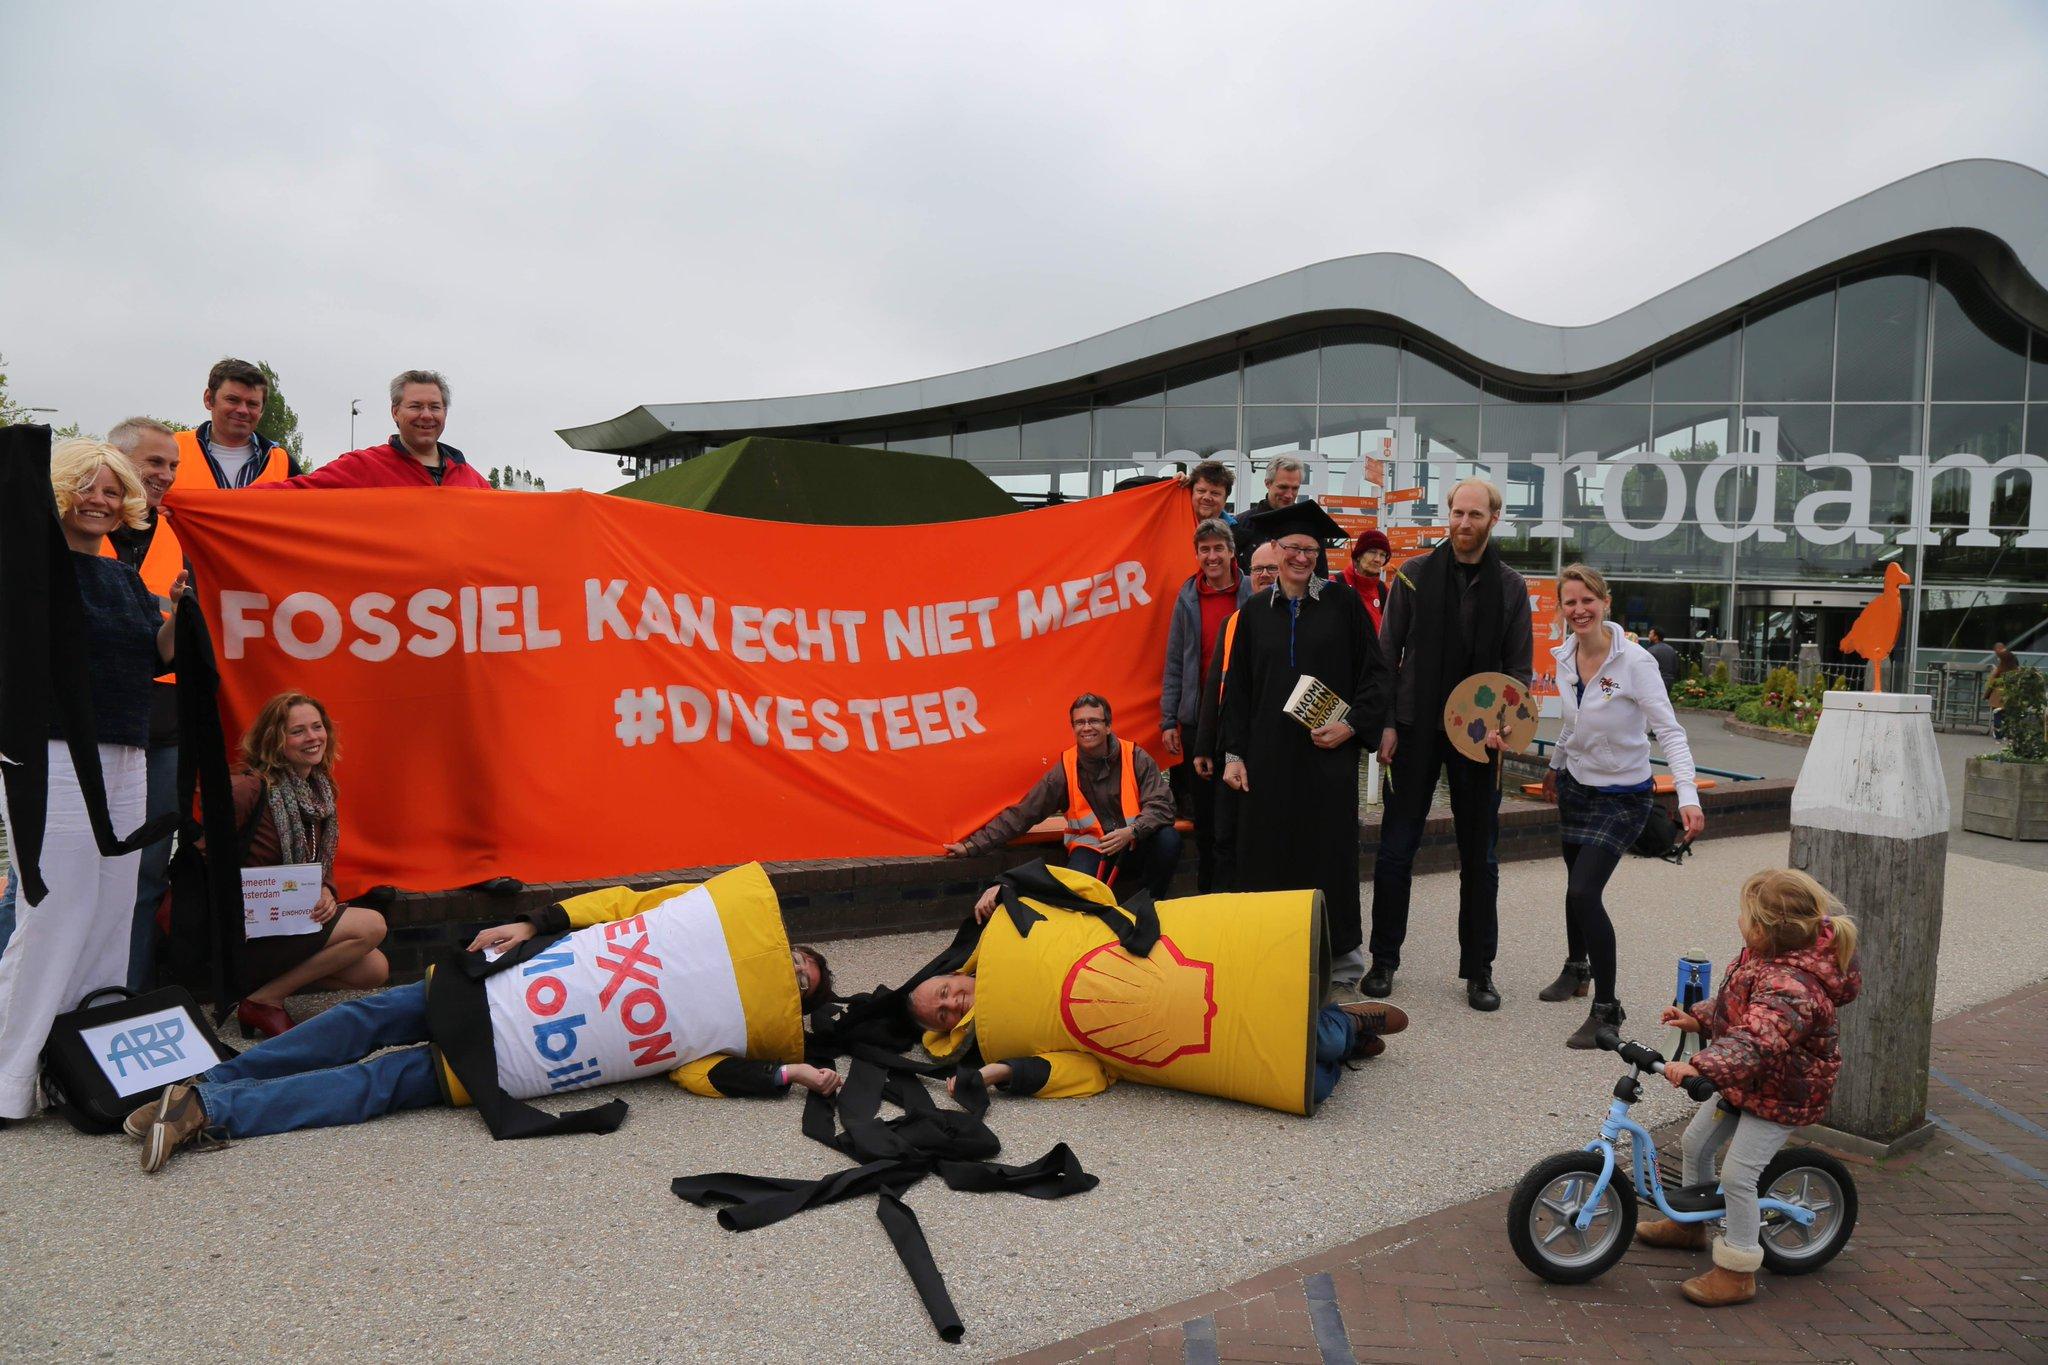 De GDM Divestment actie week is van start gegaan! Mooie kick-off in Den Haag: de banden met fossiel zijn doorbroken! #fossilfree #Divesteer https://t.co/3LPmZapi9H